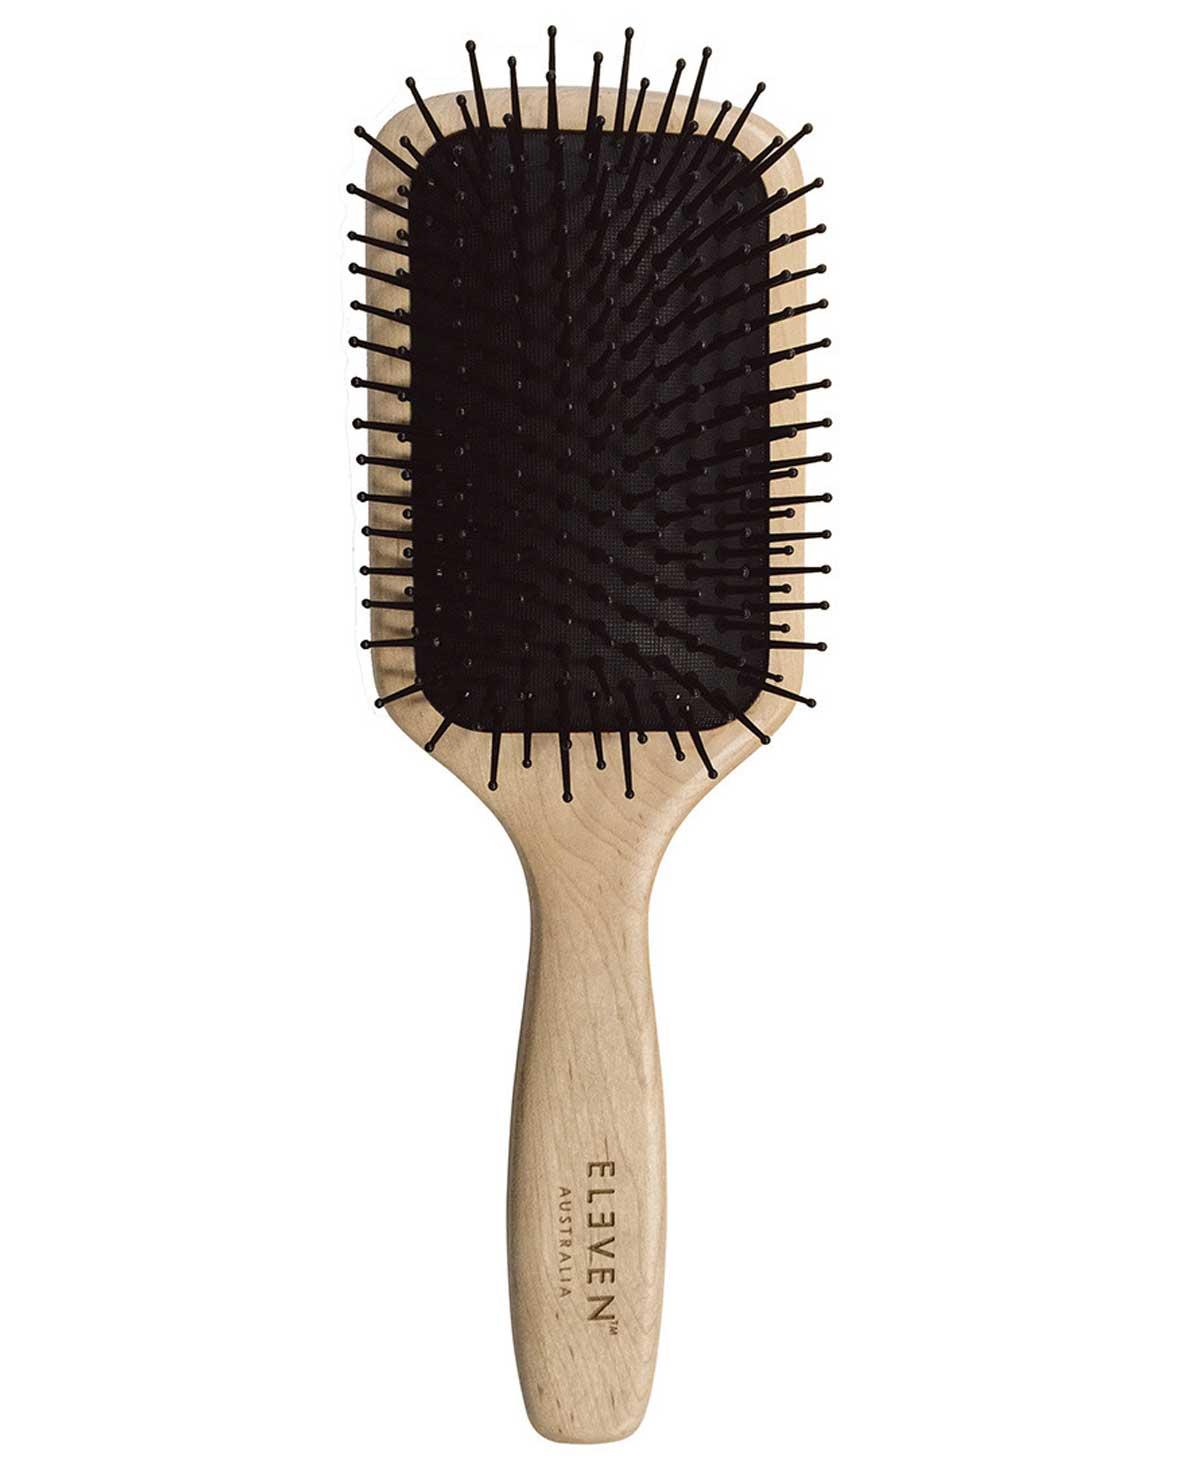 Eleven Paddle Brush